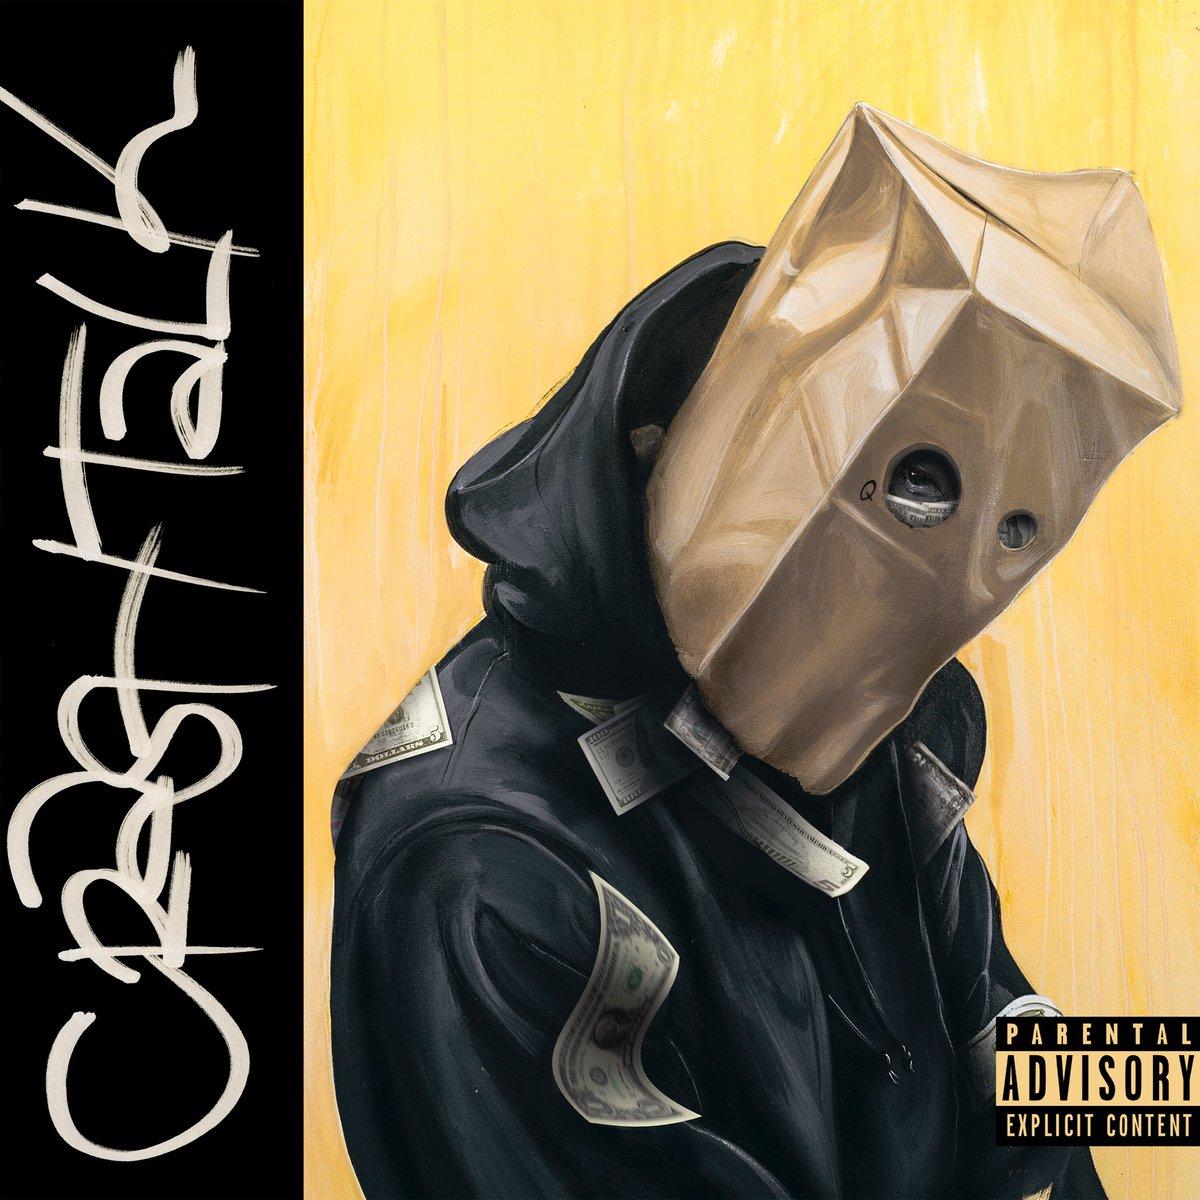 schoolboy q crash talk album artwork